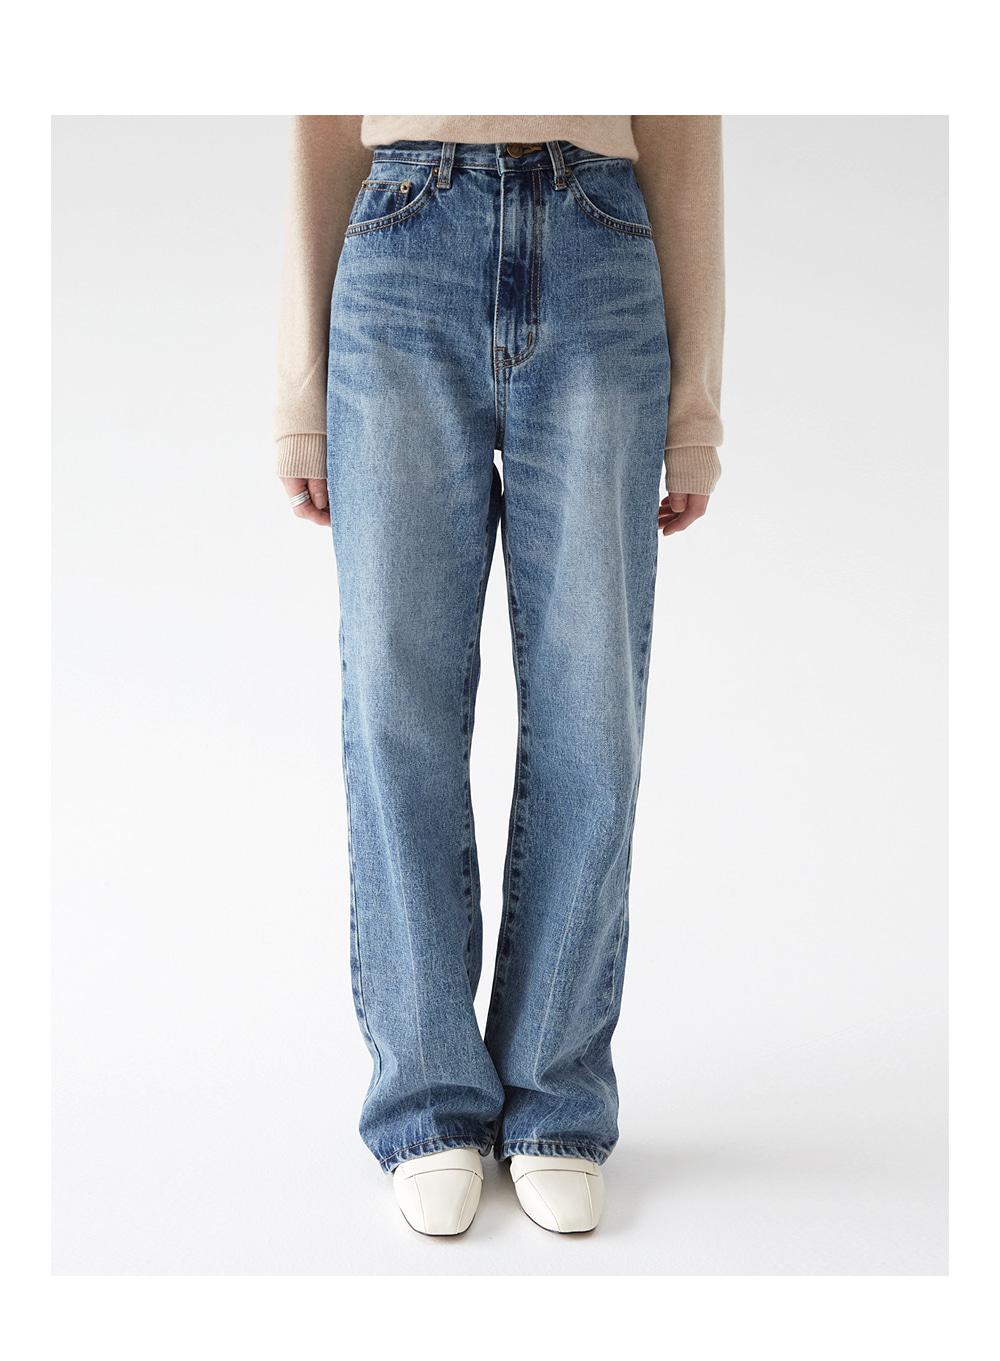 wide washing denim pants